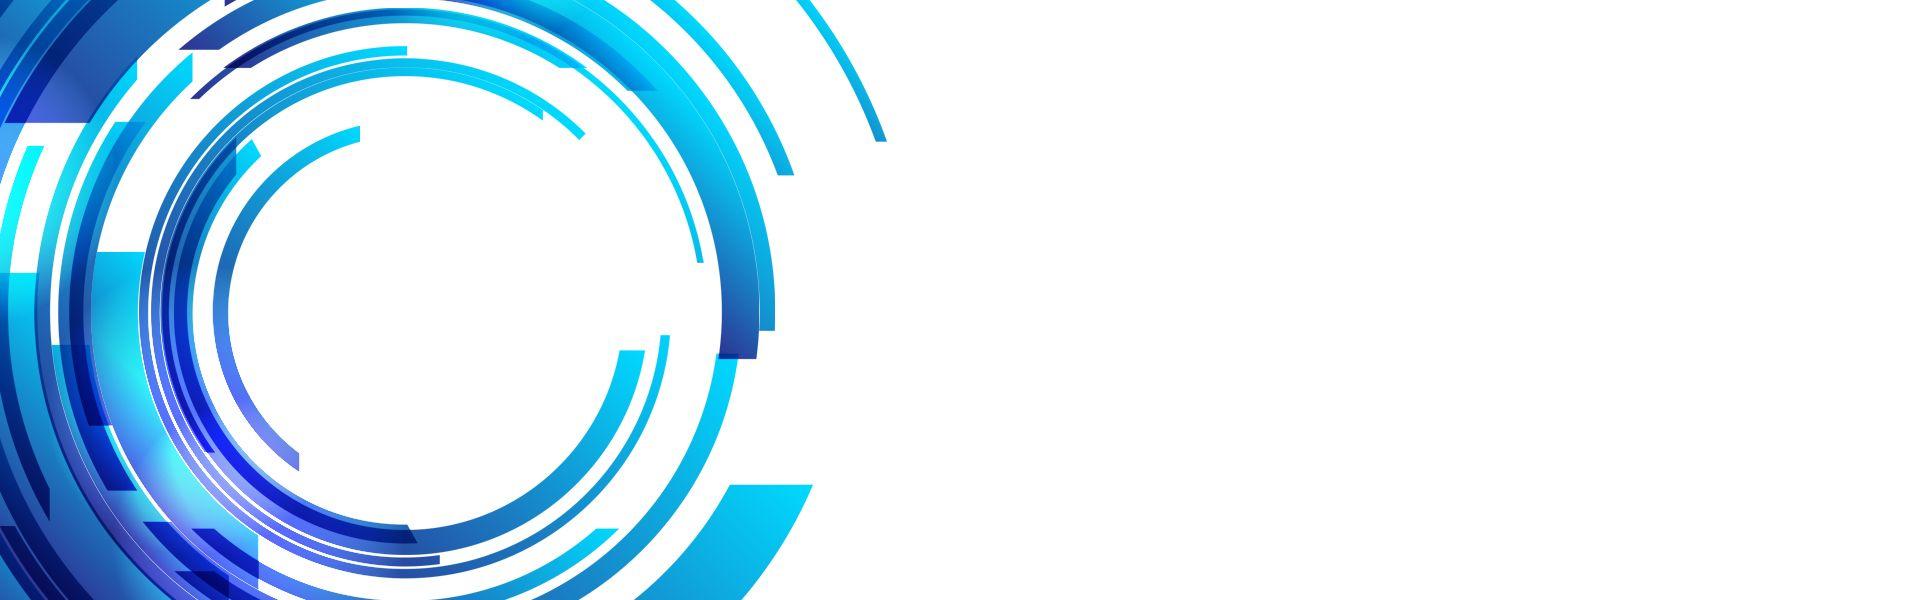 Tech Blue Circles Abstract Background Fundo Para Banner Panos De Fundo Estampa Para Canecas